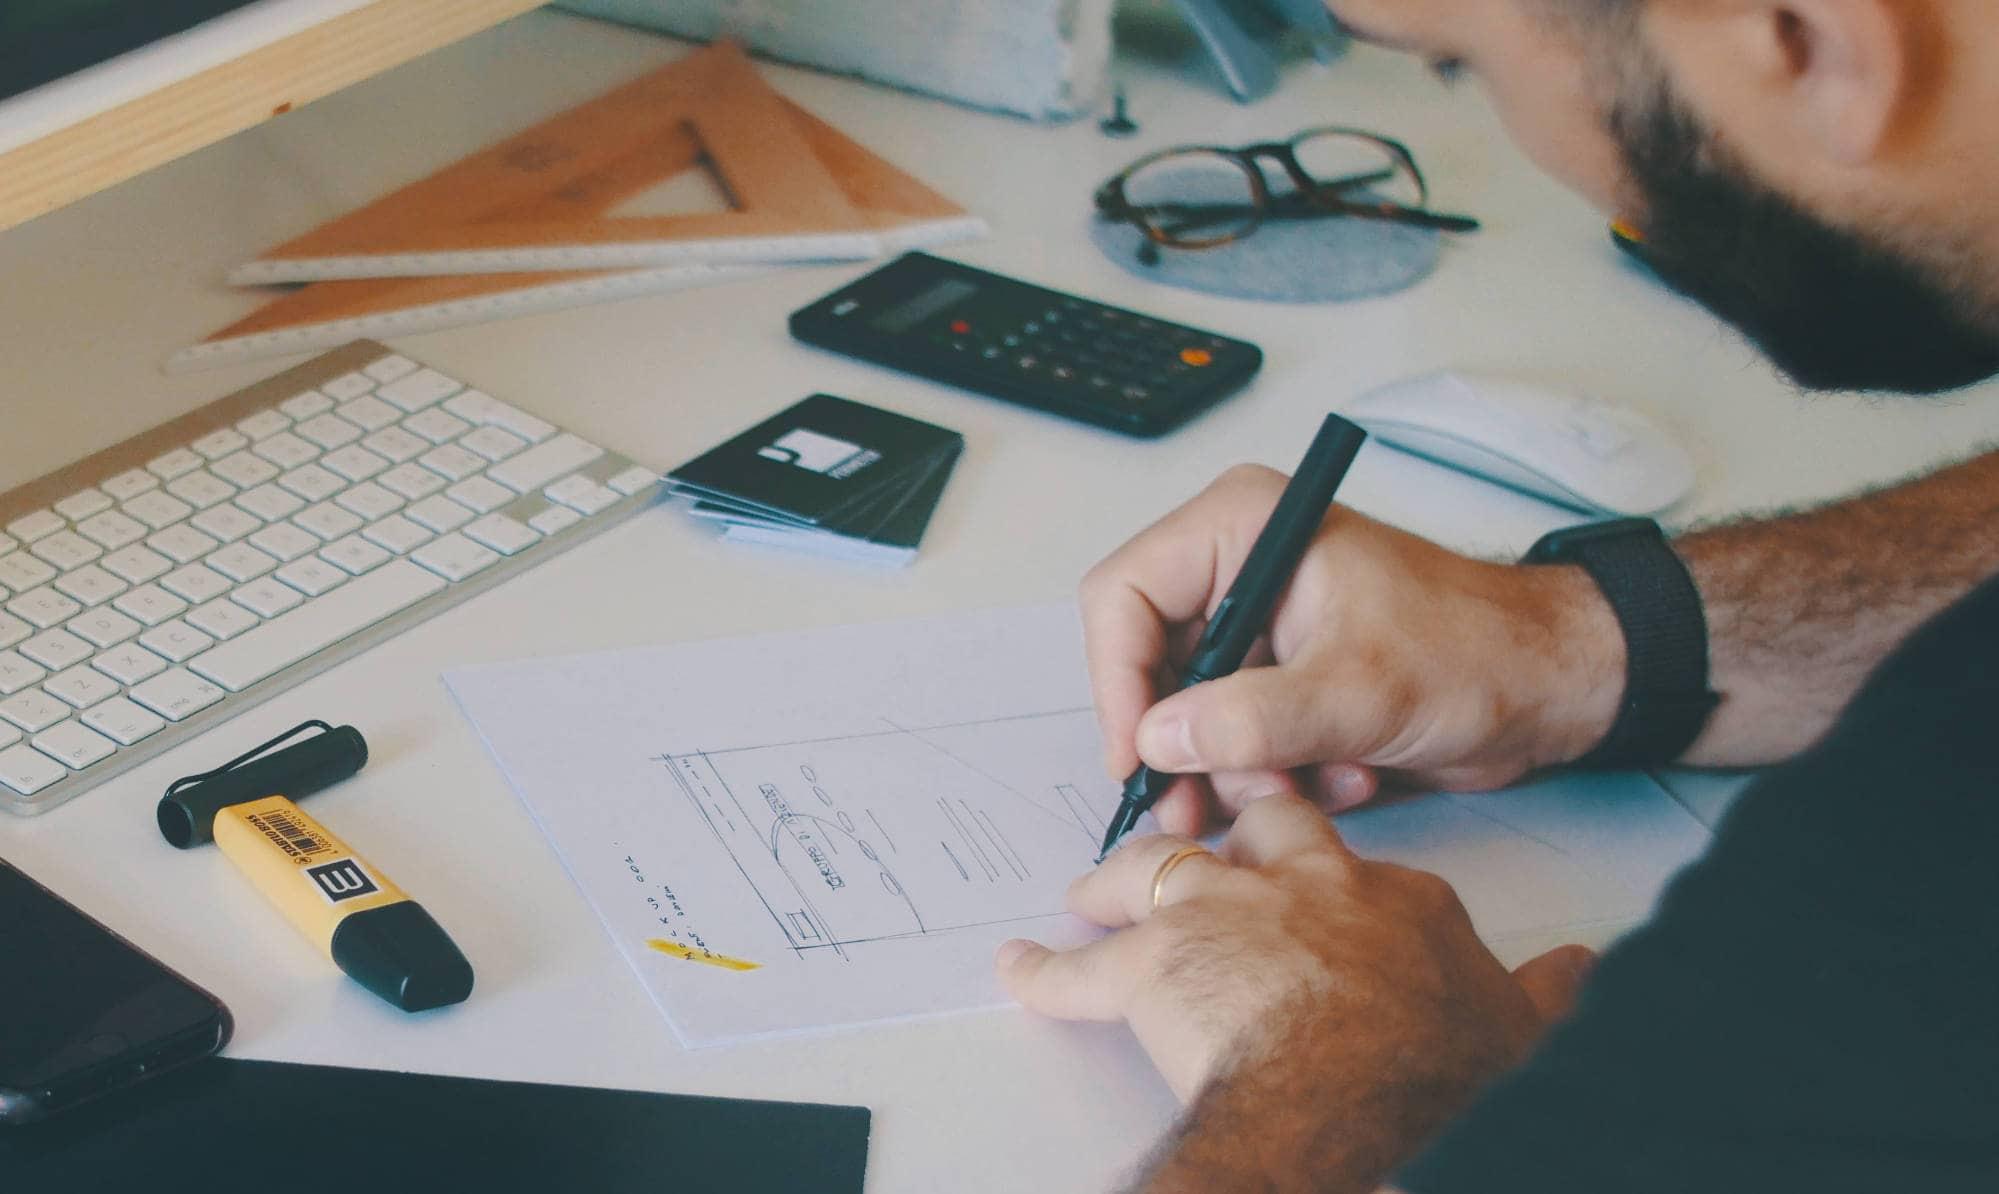 Sito web aziendale? come sfruttarlo al meglio